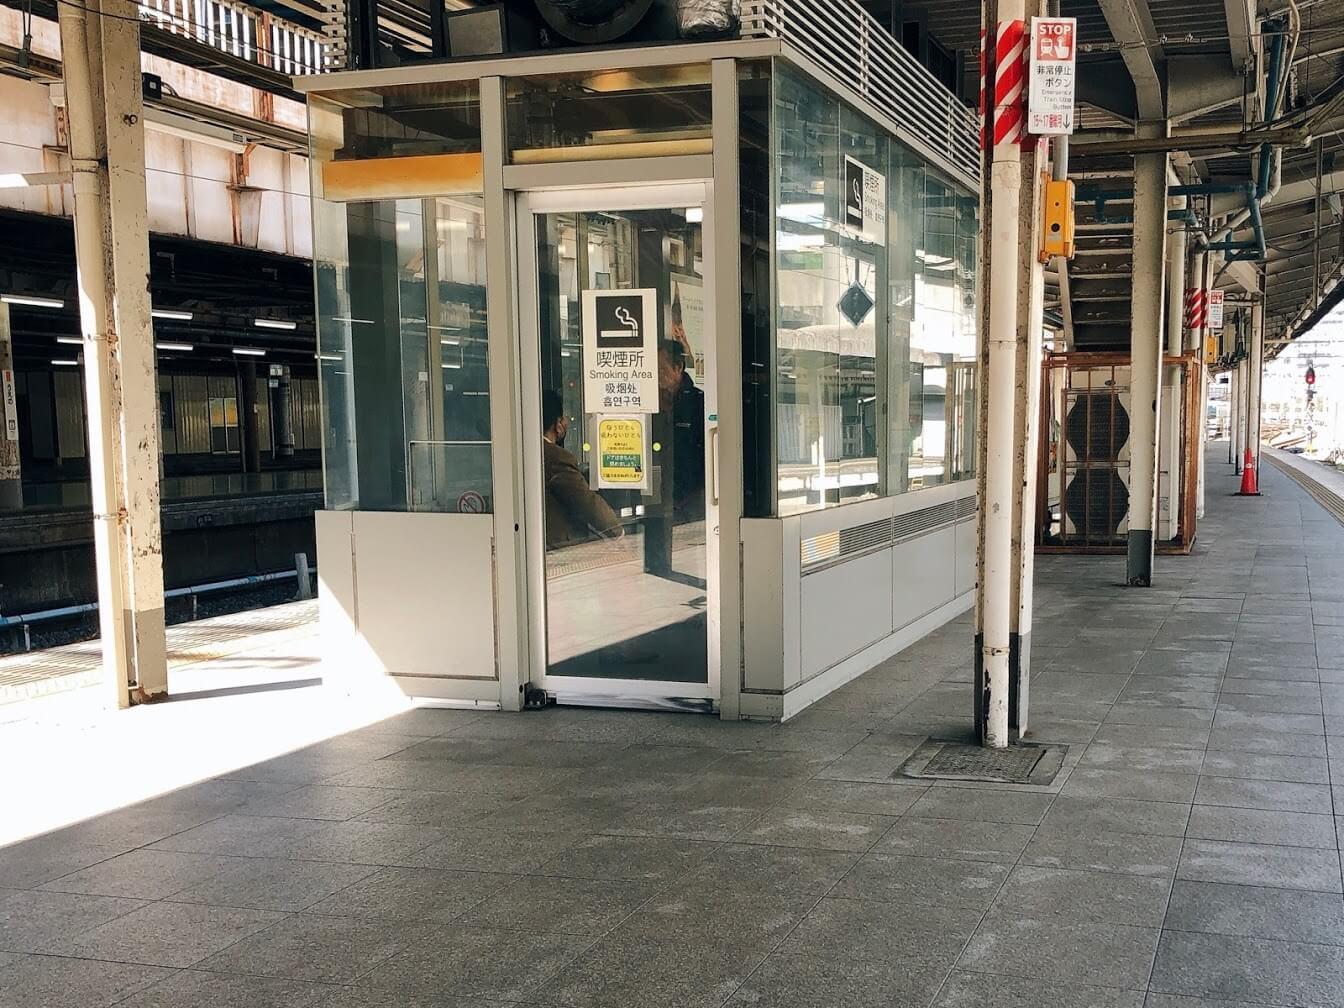 上野駅喫煙所